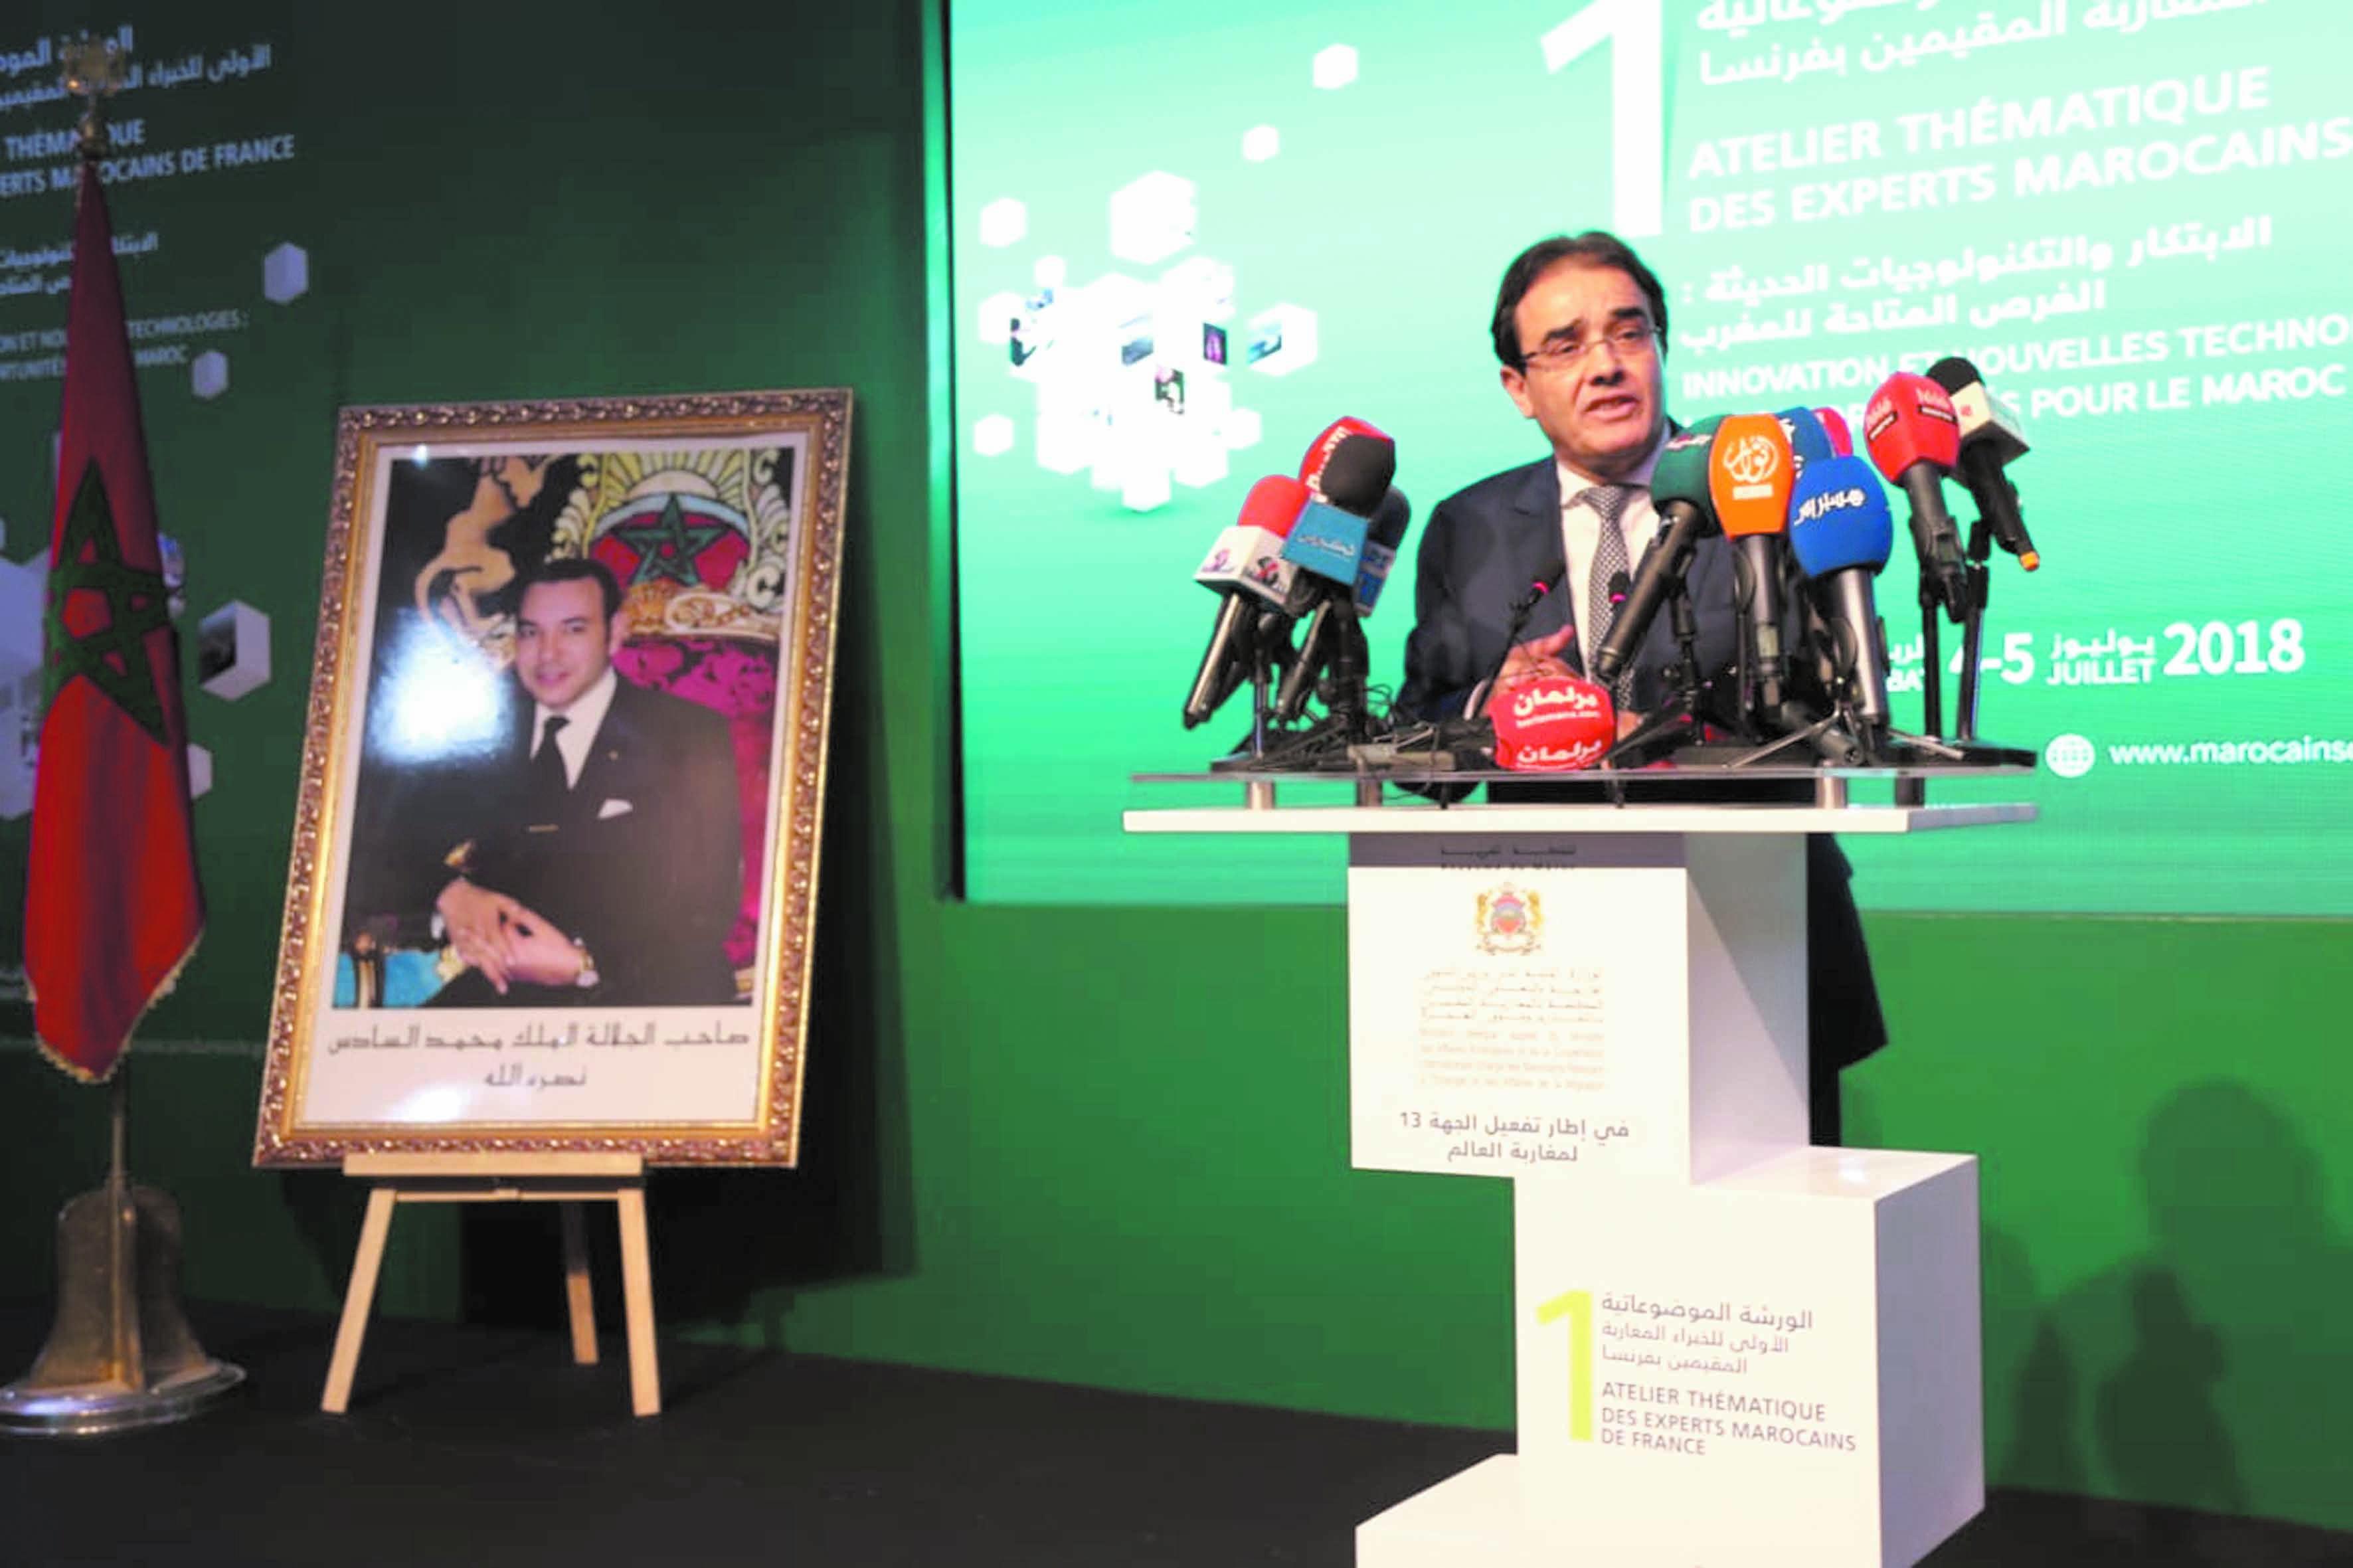 Abdelkrim Benatiq: Les Marocains de France sont une richesse inestimable pour le Maroc